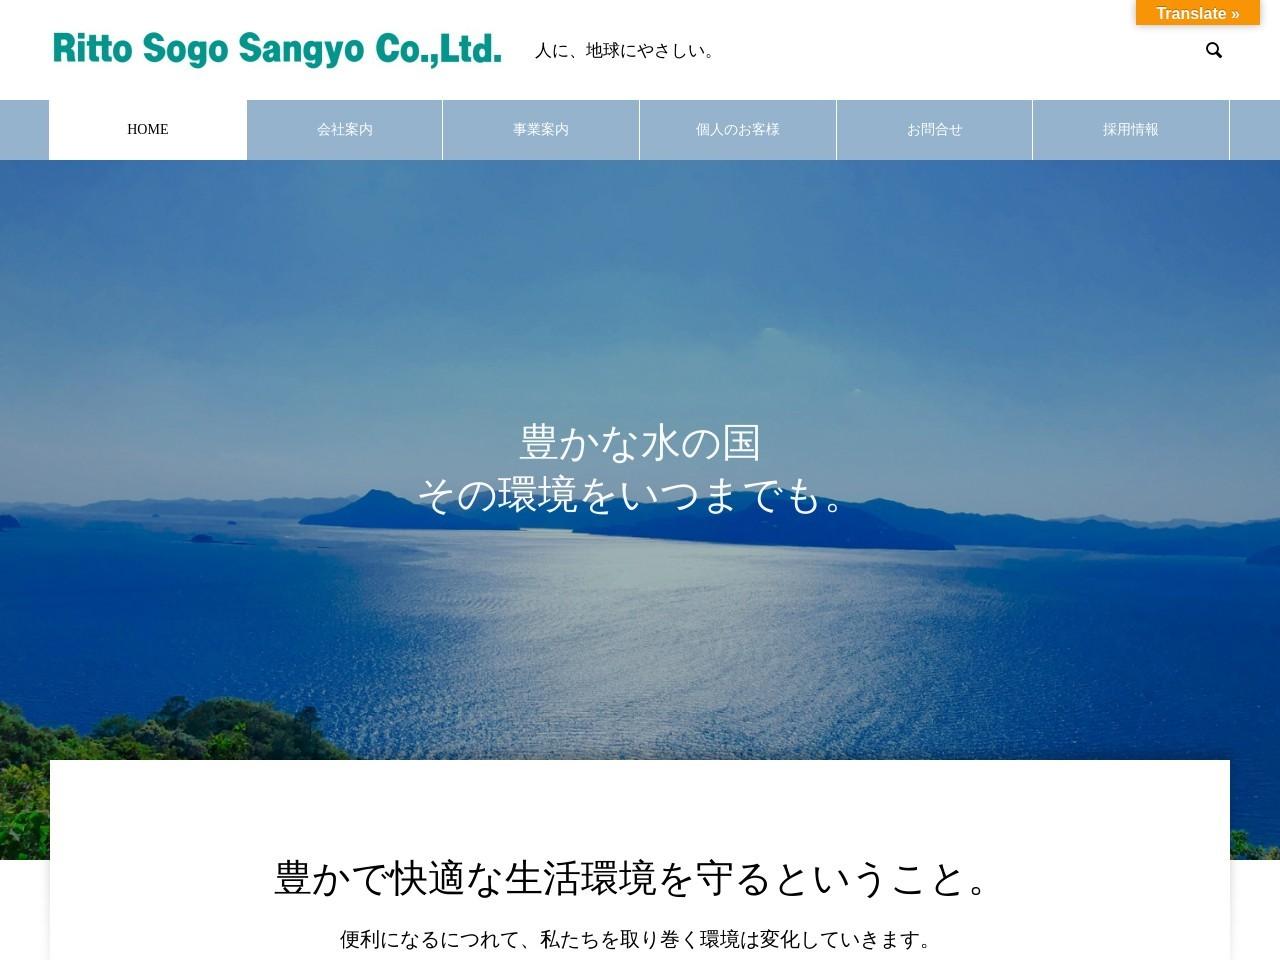 栗東総合産業株式会社